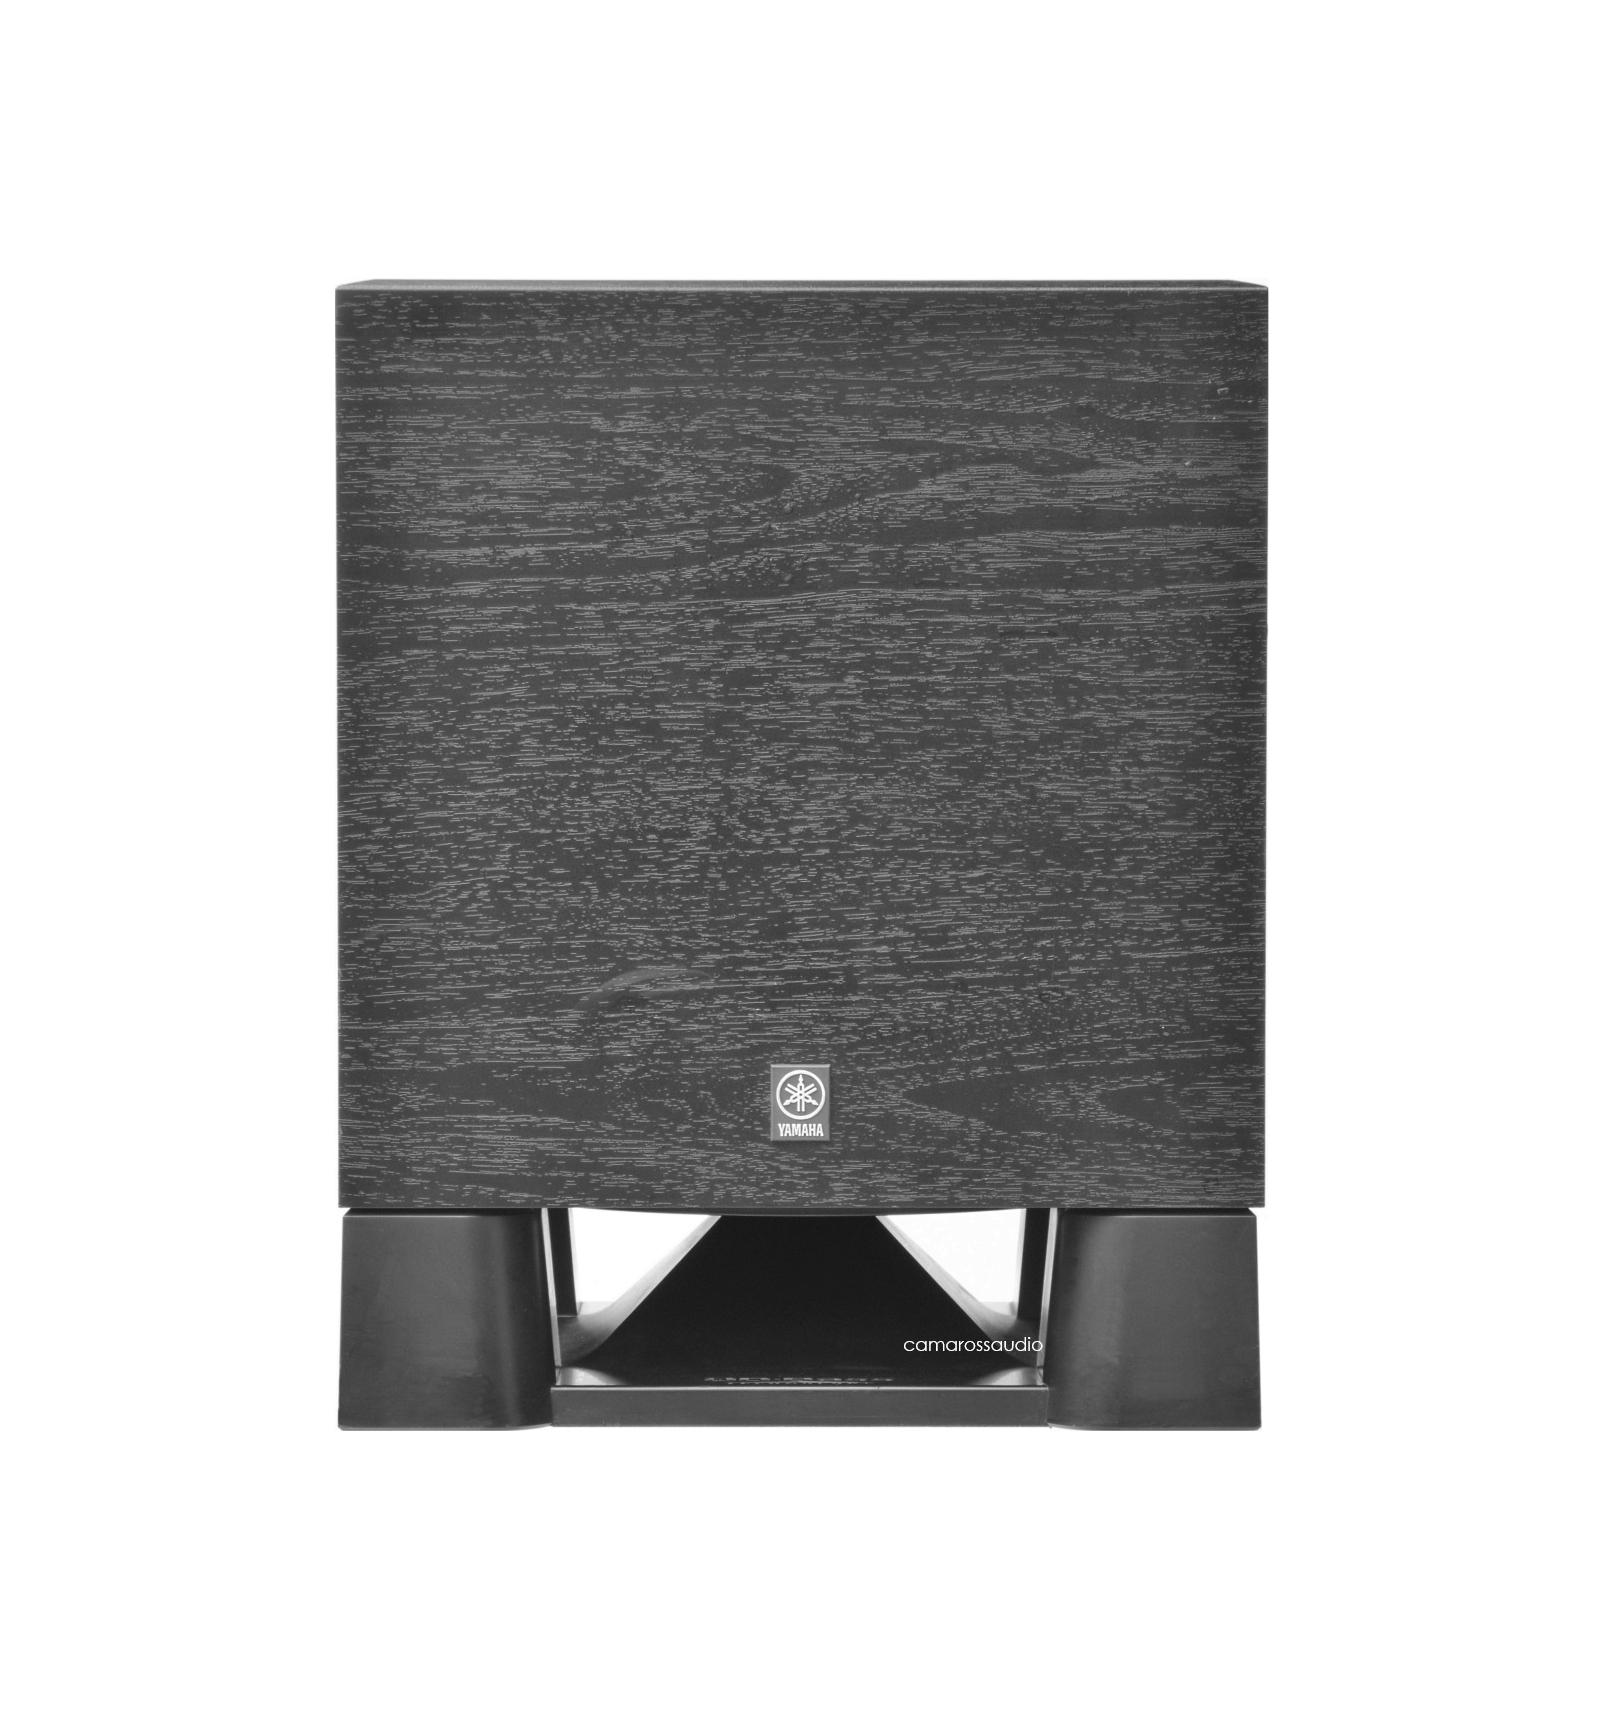 yamahaystsw030 yamaha yst sw yst yamahasubwoofer. Black Bedroom Furniture Sets. Home Design Ideas